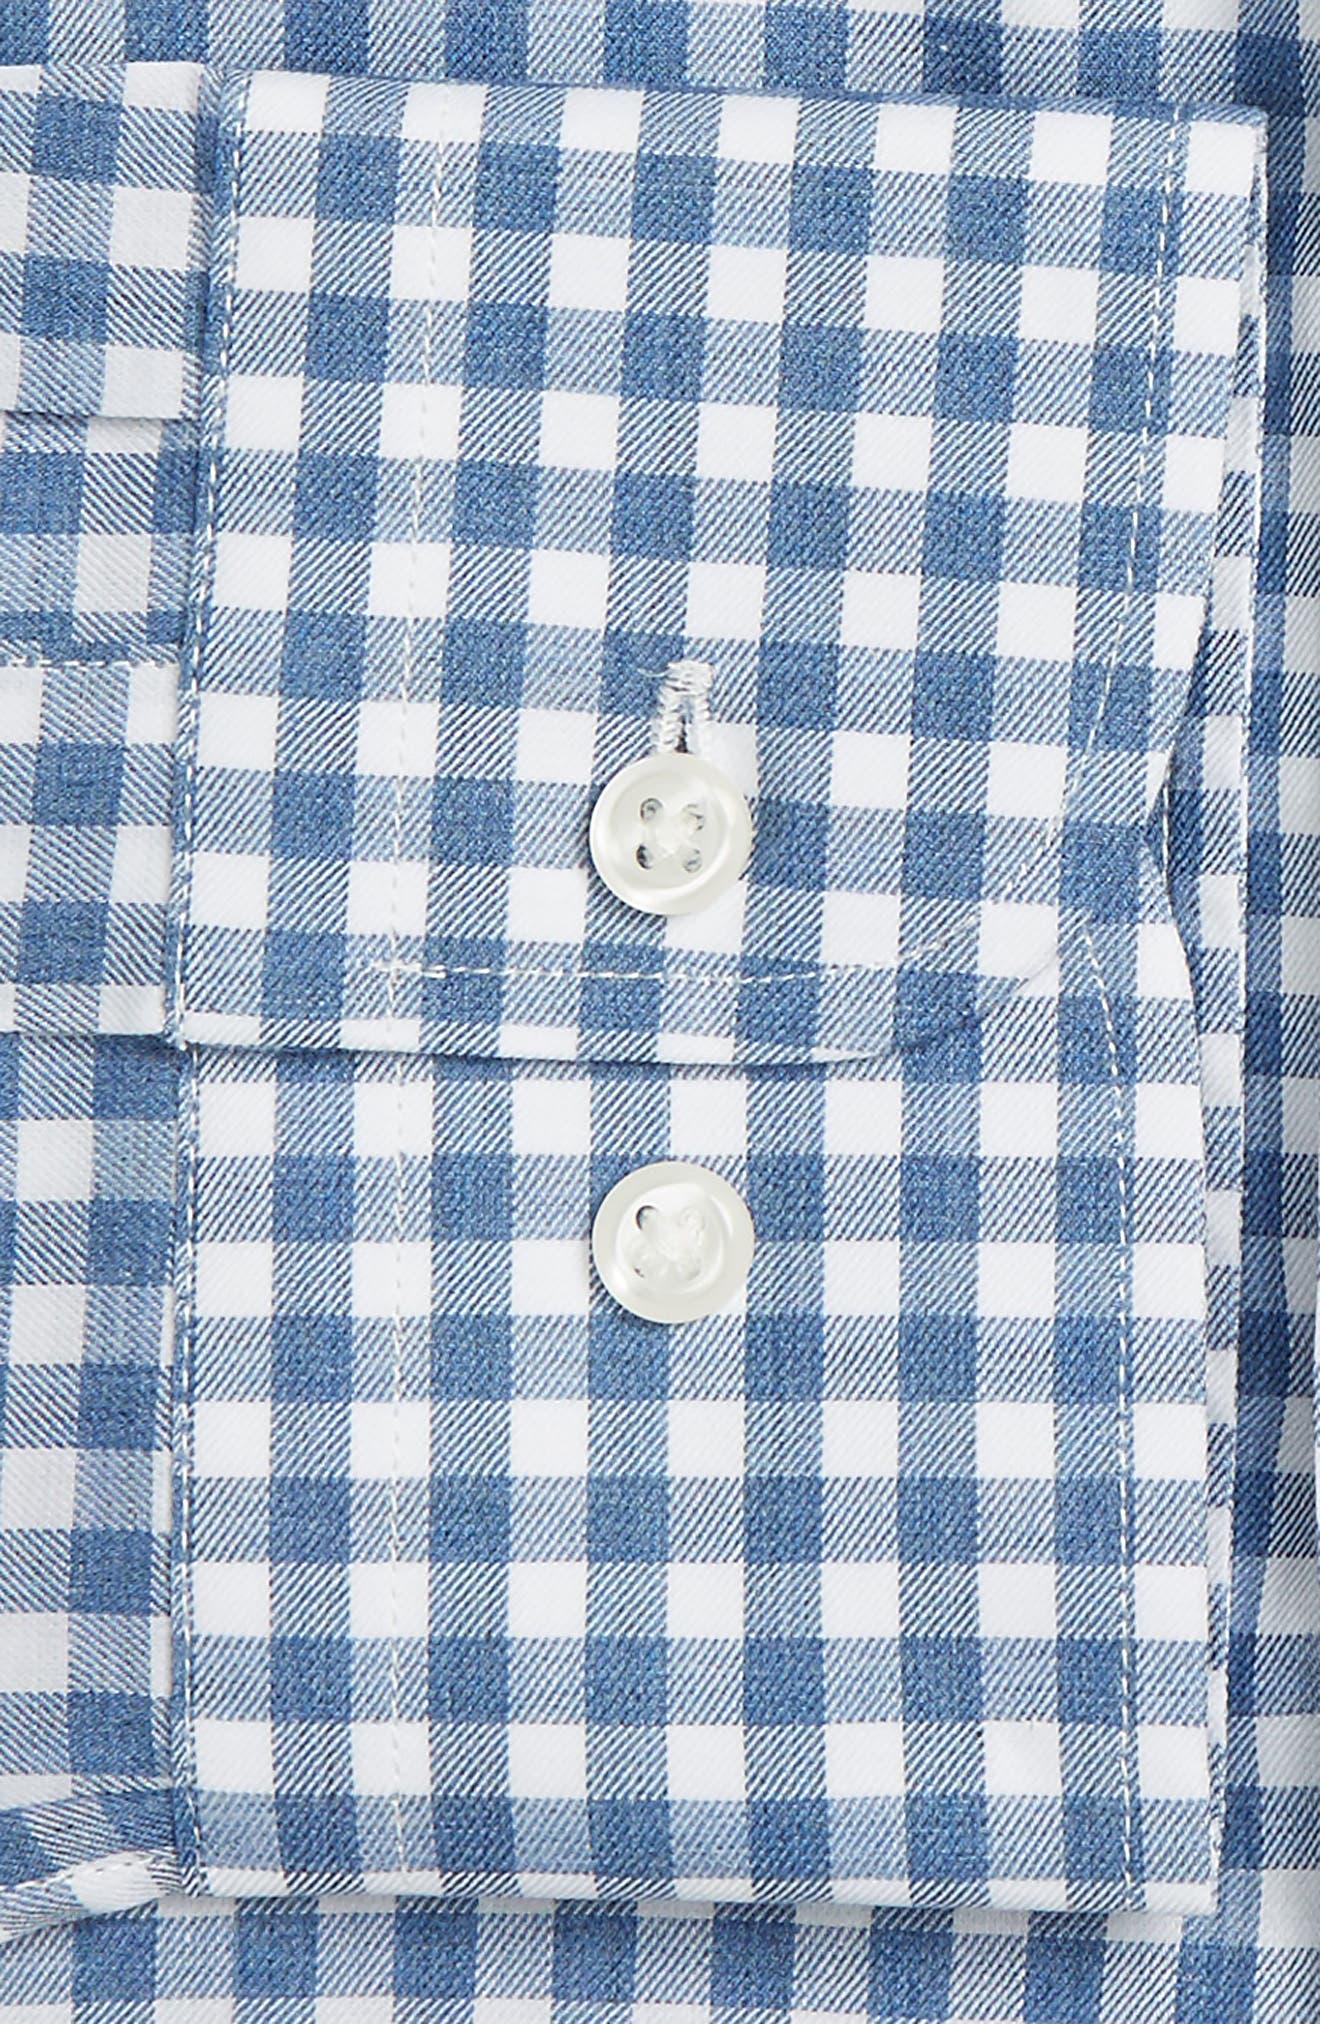 Trim Fit Check Dress Shirt,                             Alternate thumbnail 2, color,                             420